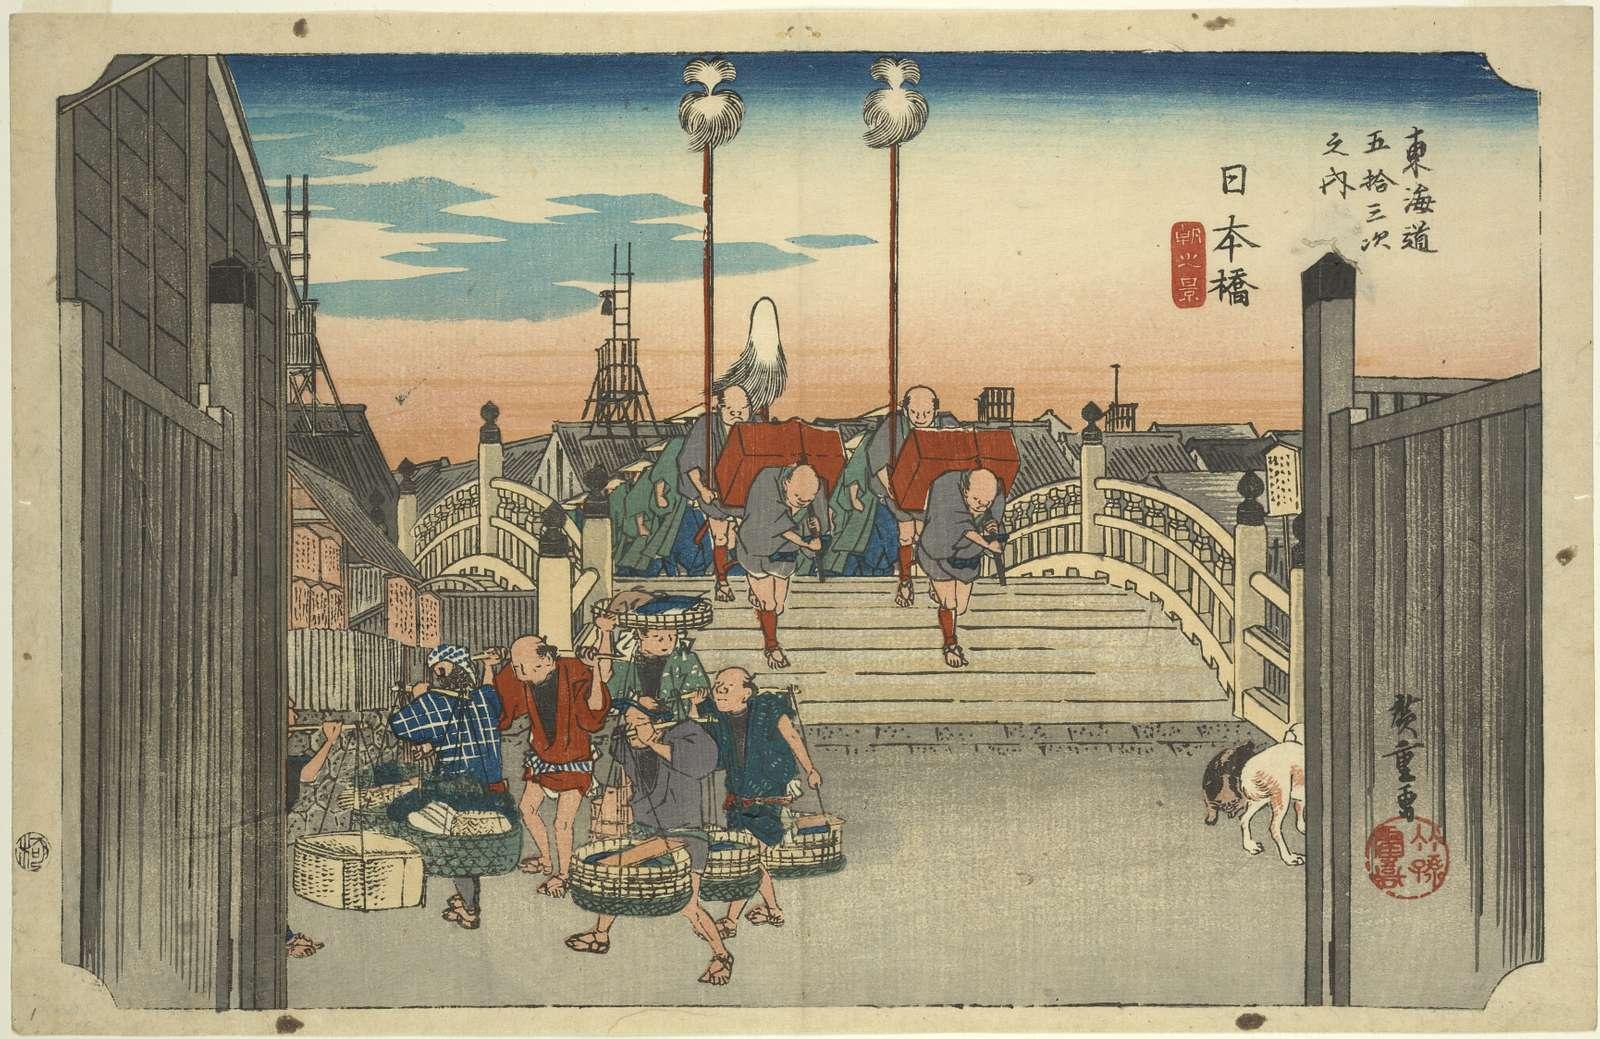 Nihonbashi, Asa no kei